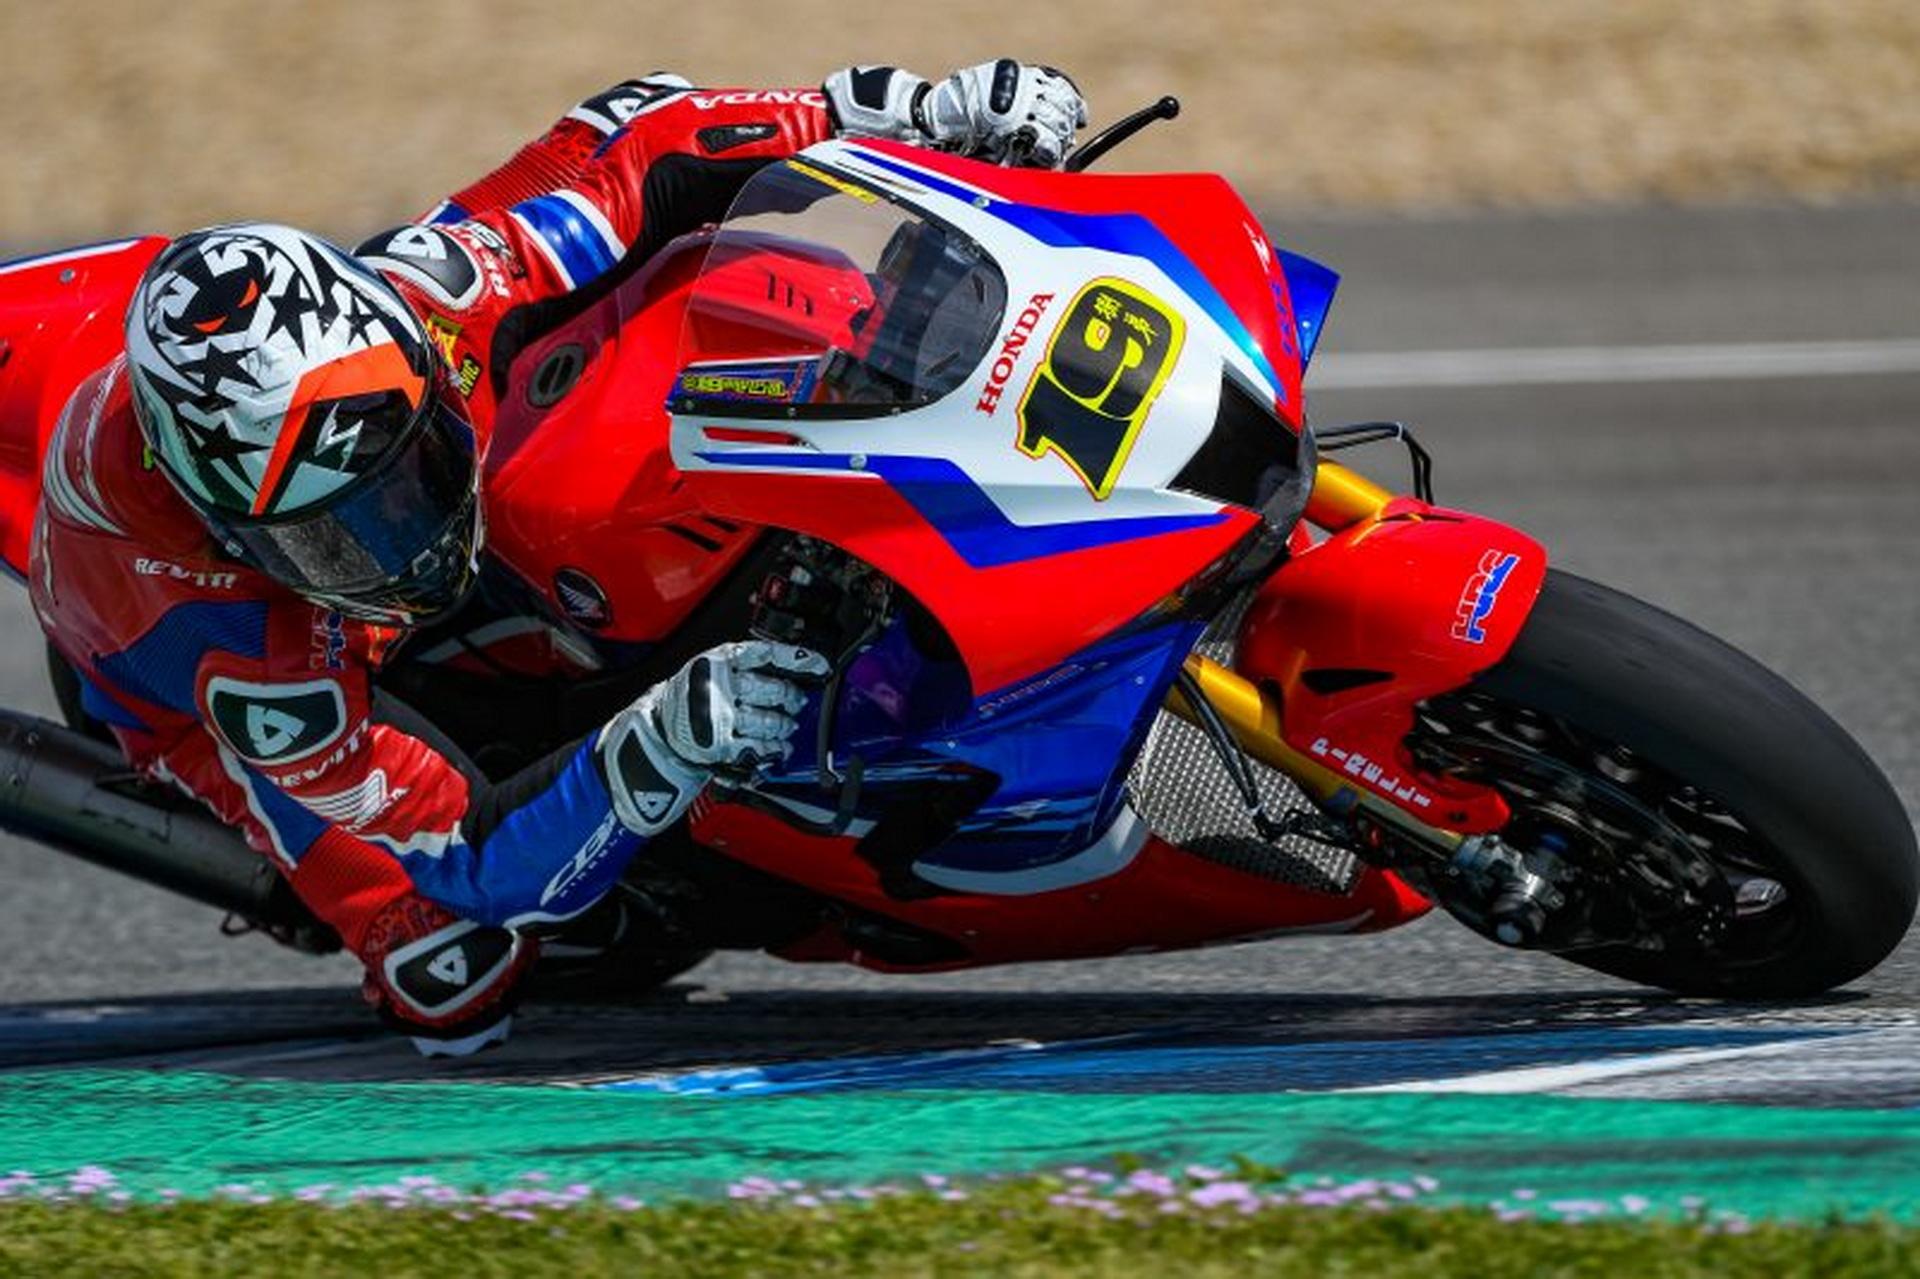 Fructífera sesión de pruebas para el Team HRC en condiciones ideales en Jerez